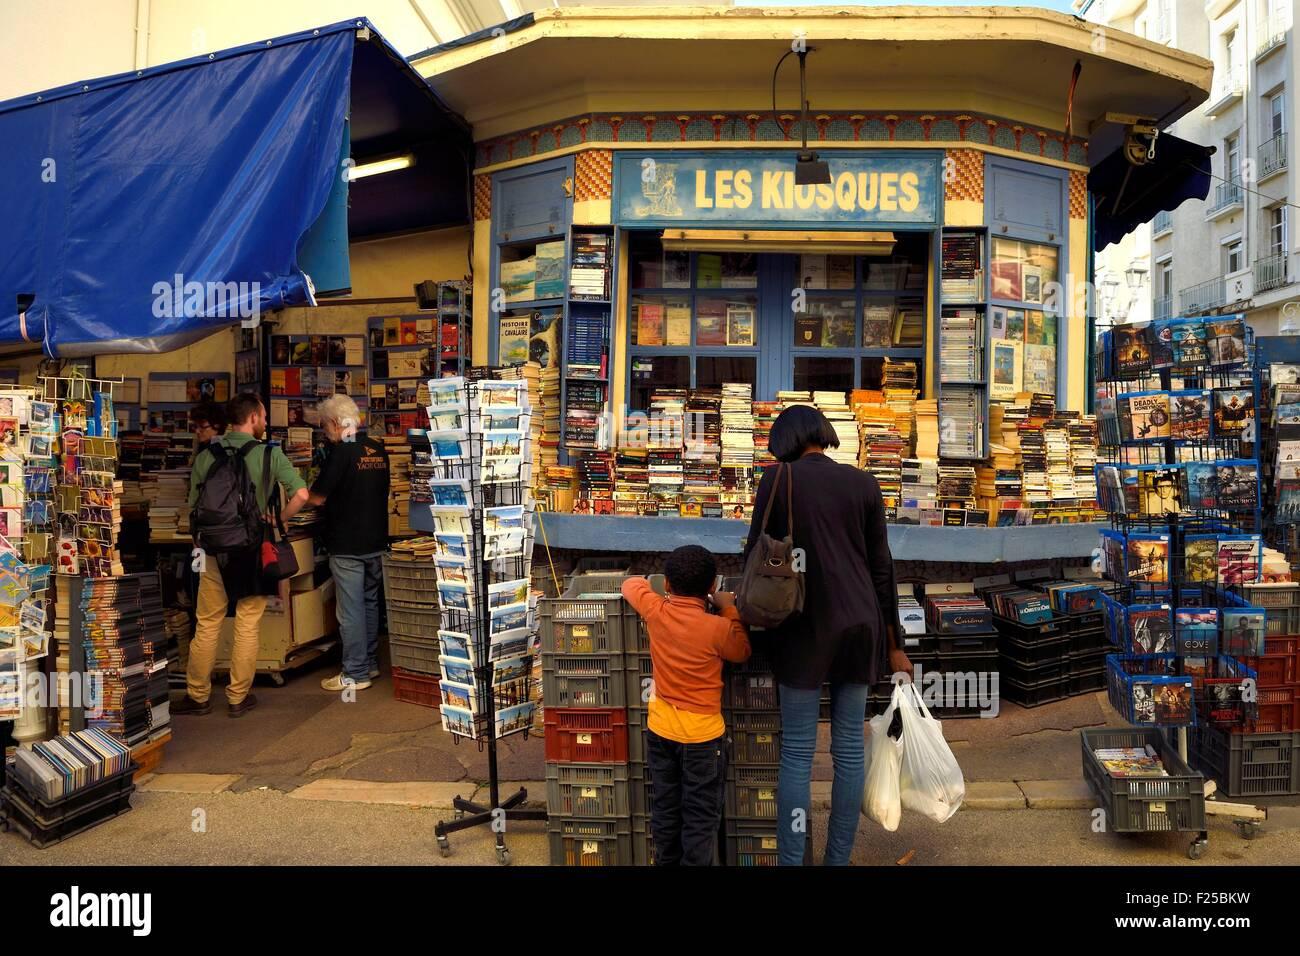 France, Var, Toulon, Les Kiosques, bookseller of the rue Prosper Ferrero - Stock Image